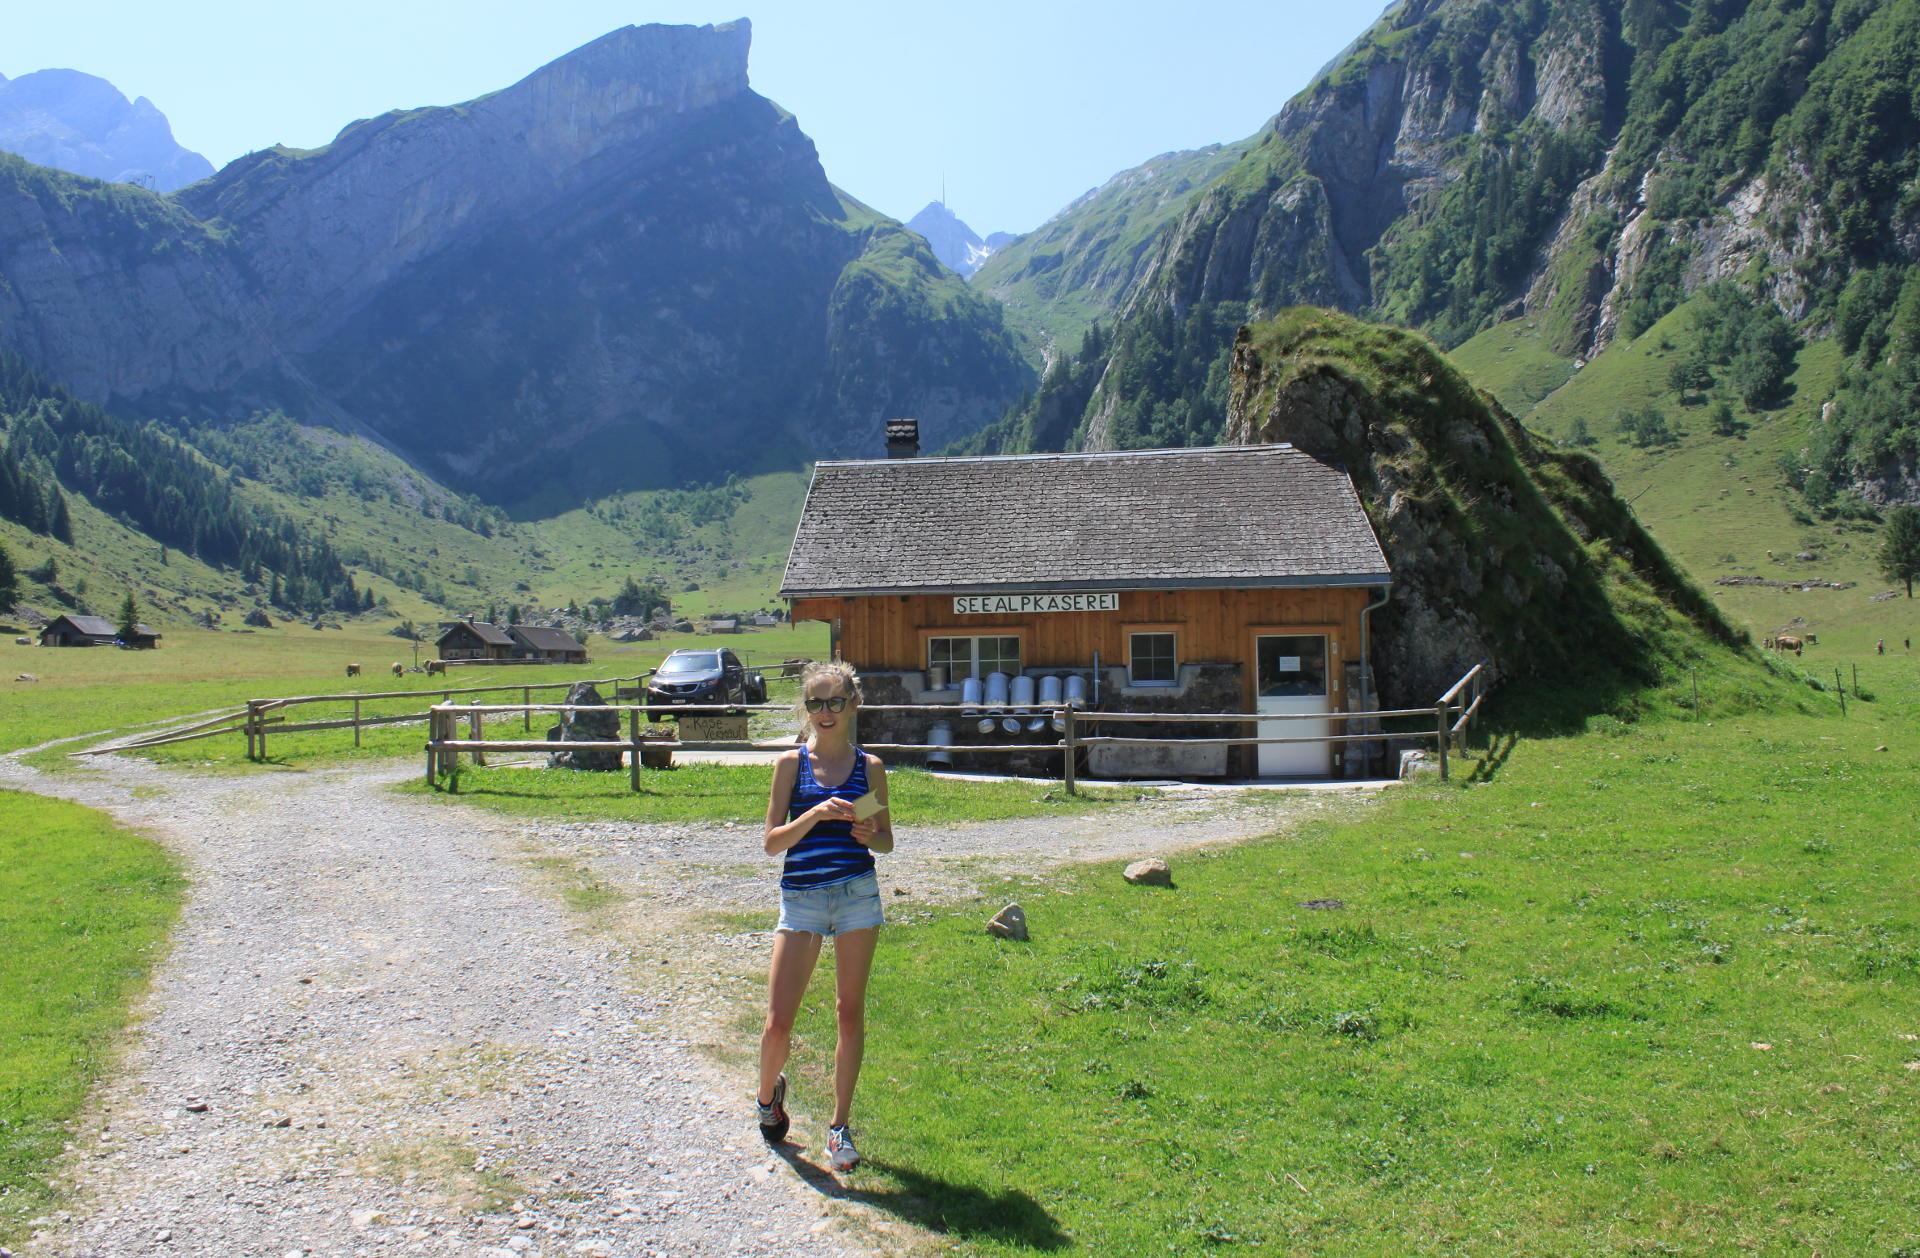 szwajcaria alpy seealpsee iglawpodrozy